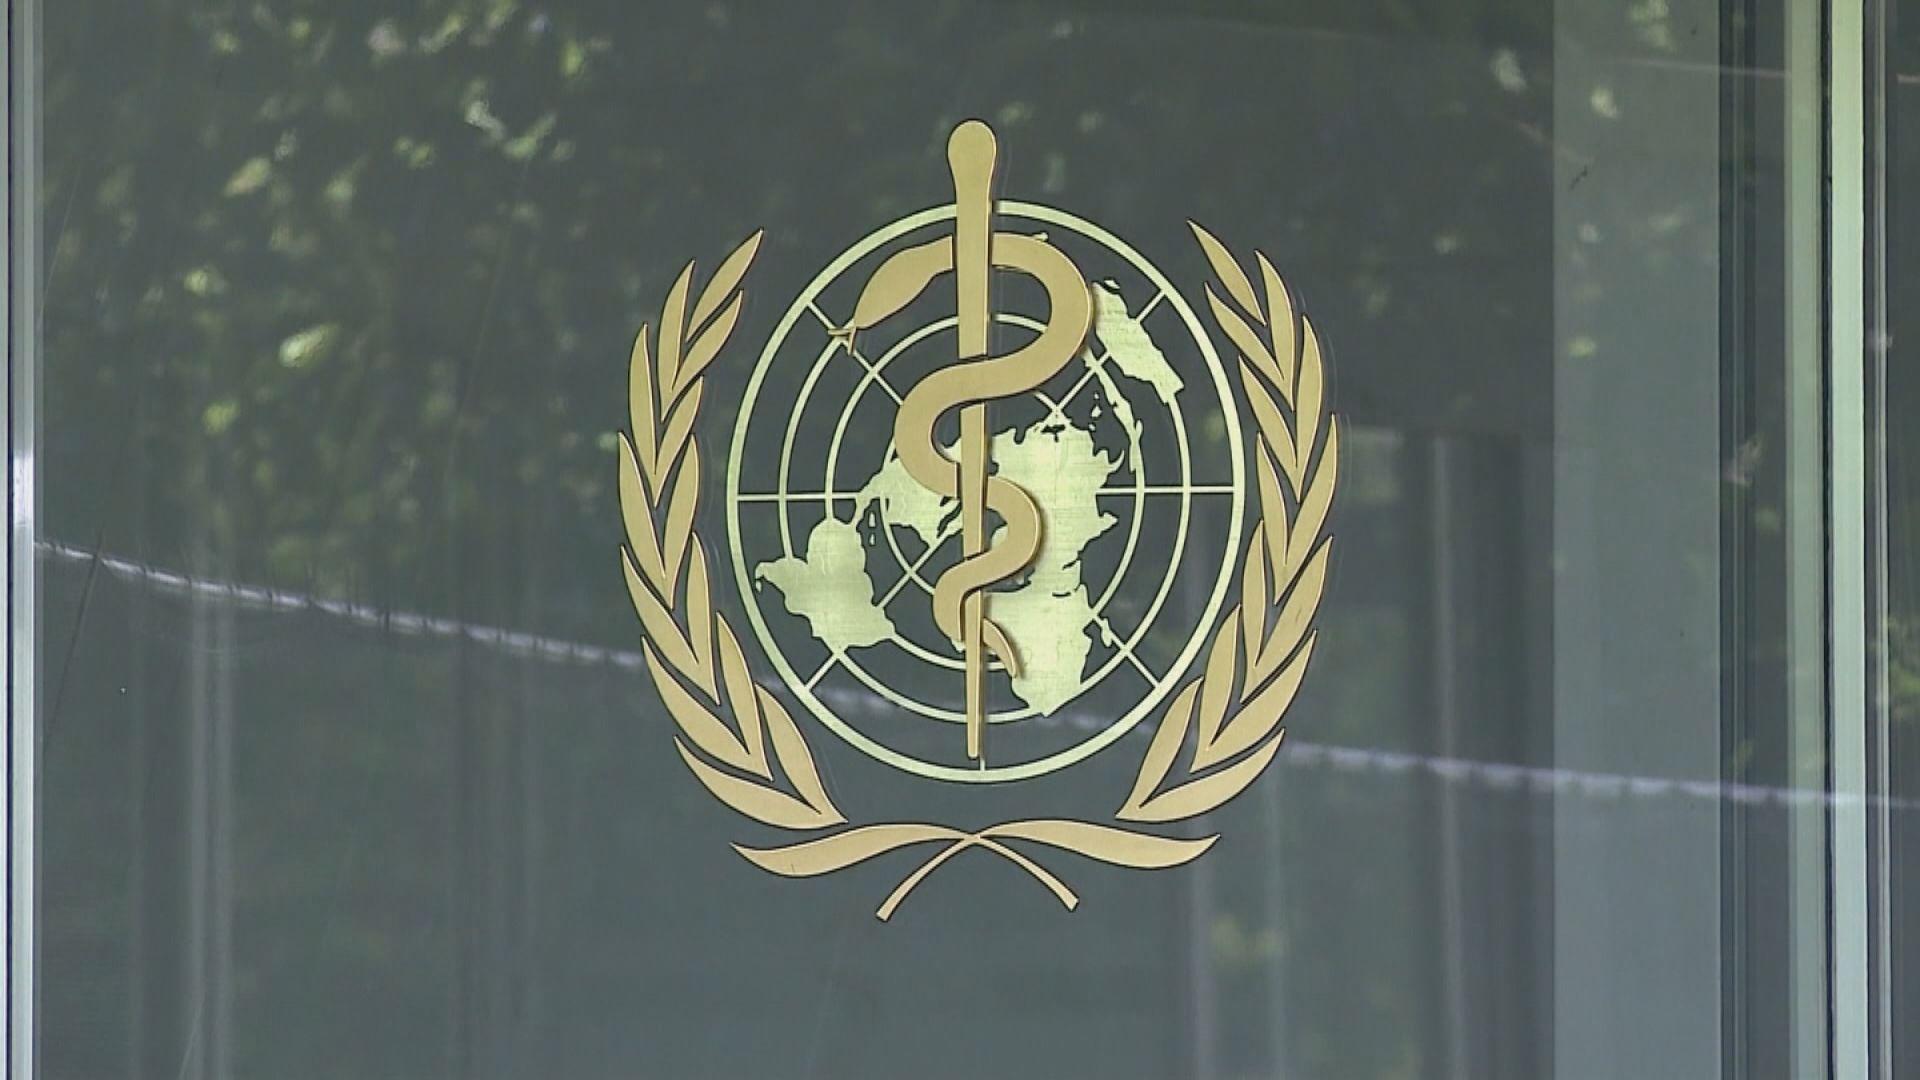 世衛促各國分享新冠病毒原始資料協助溯源調查